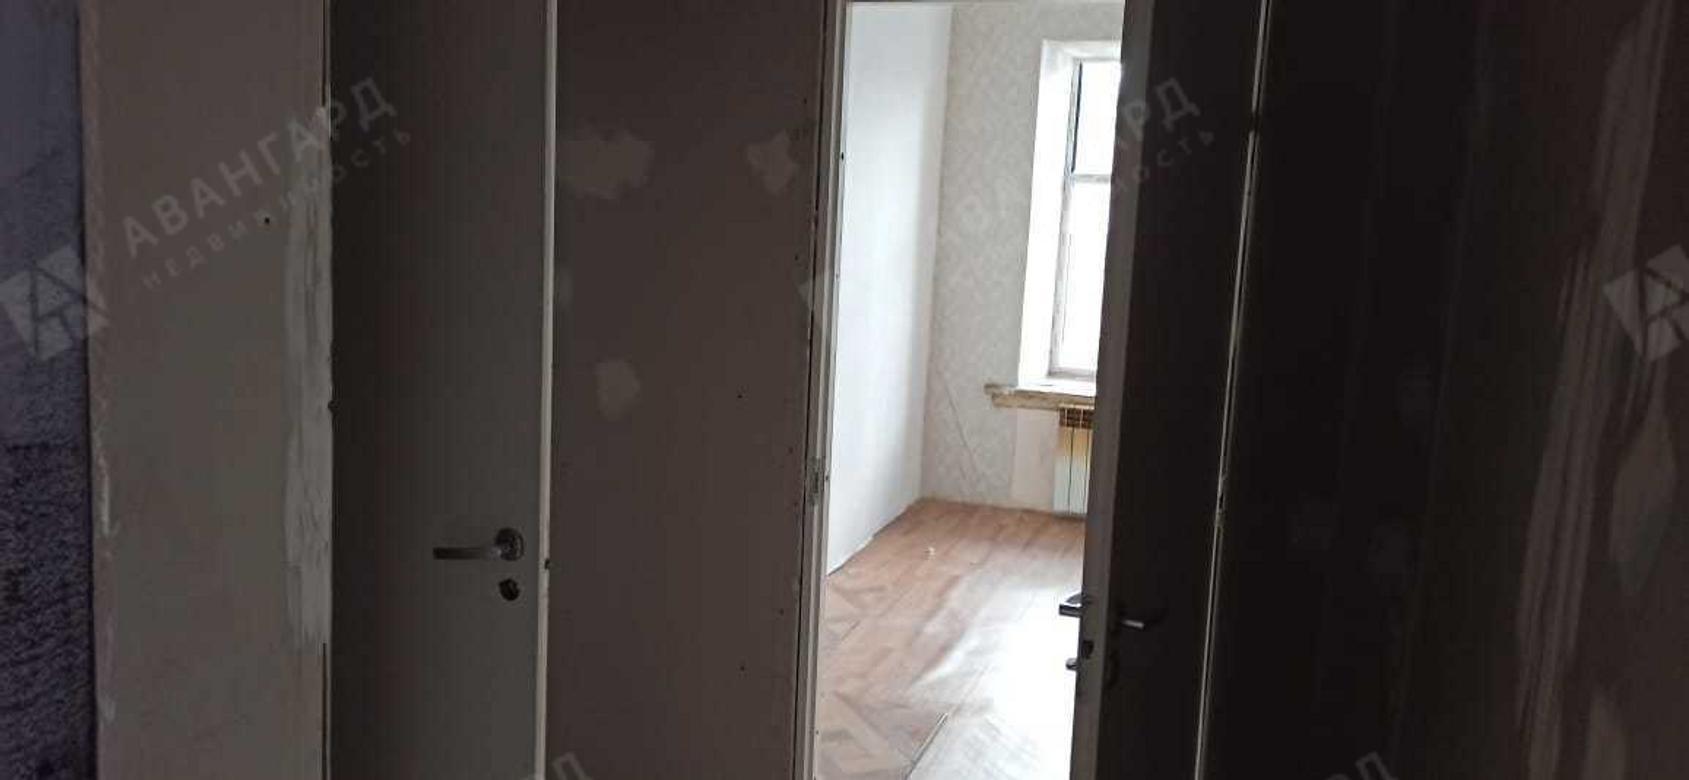 6-комнатная квартира, Реки Мойки наб, 82 - фото 2